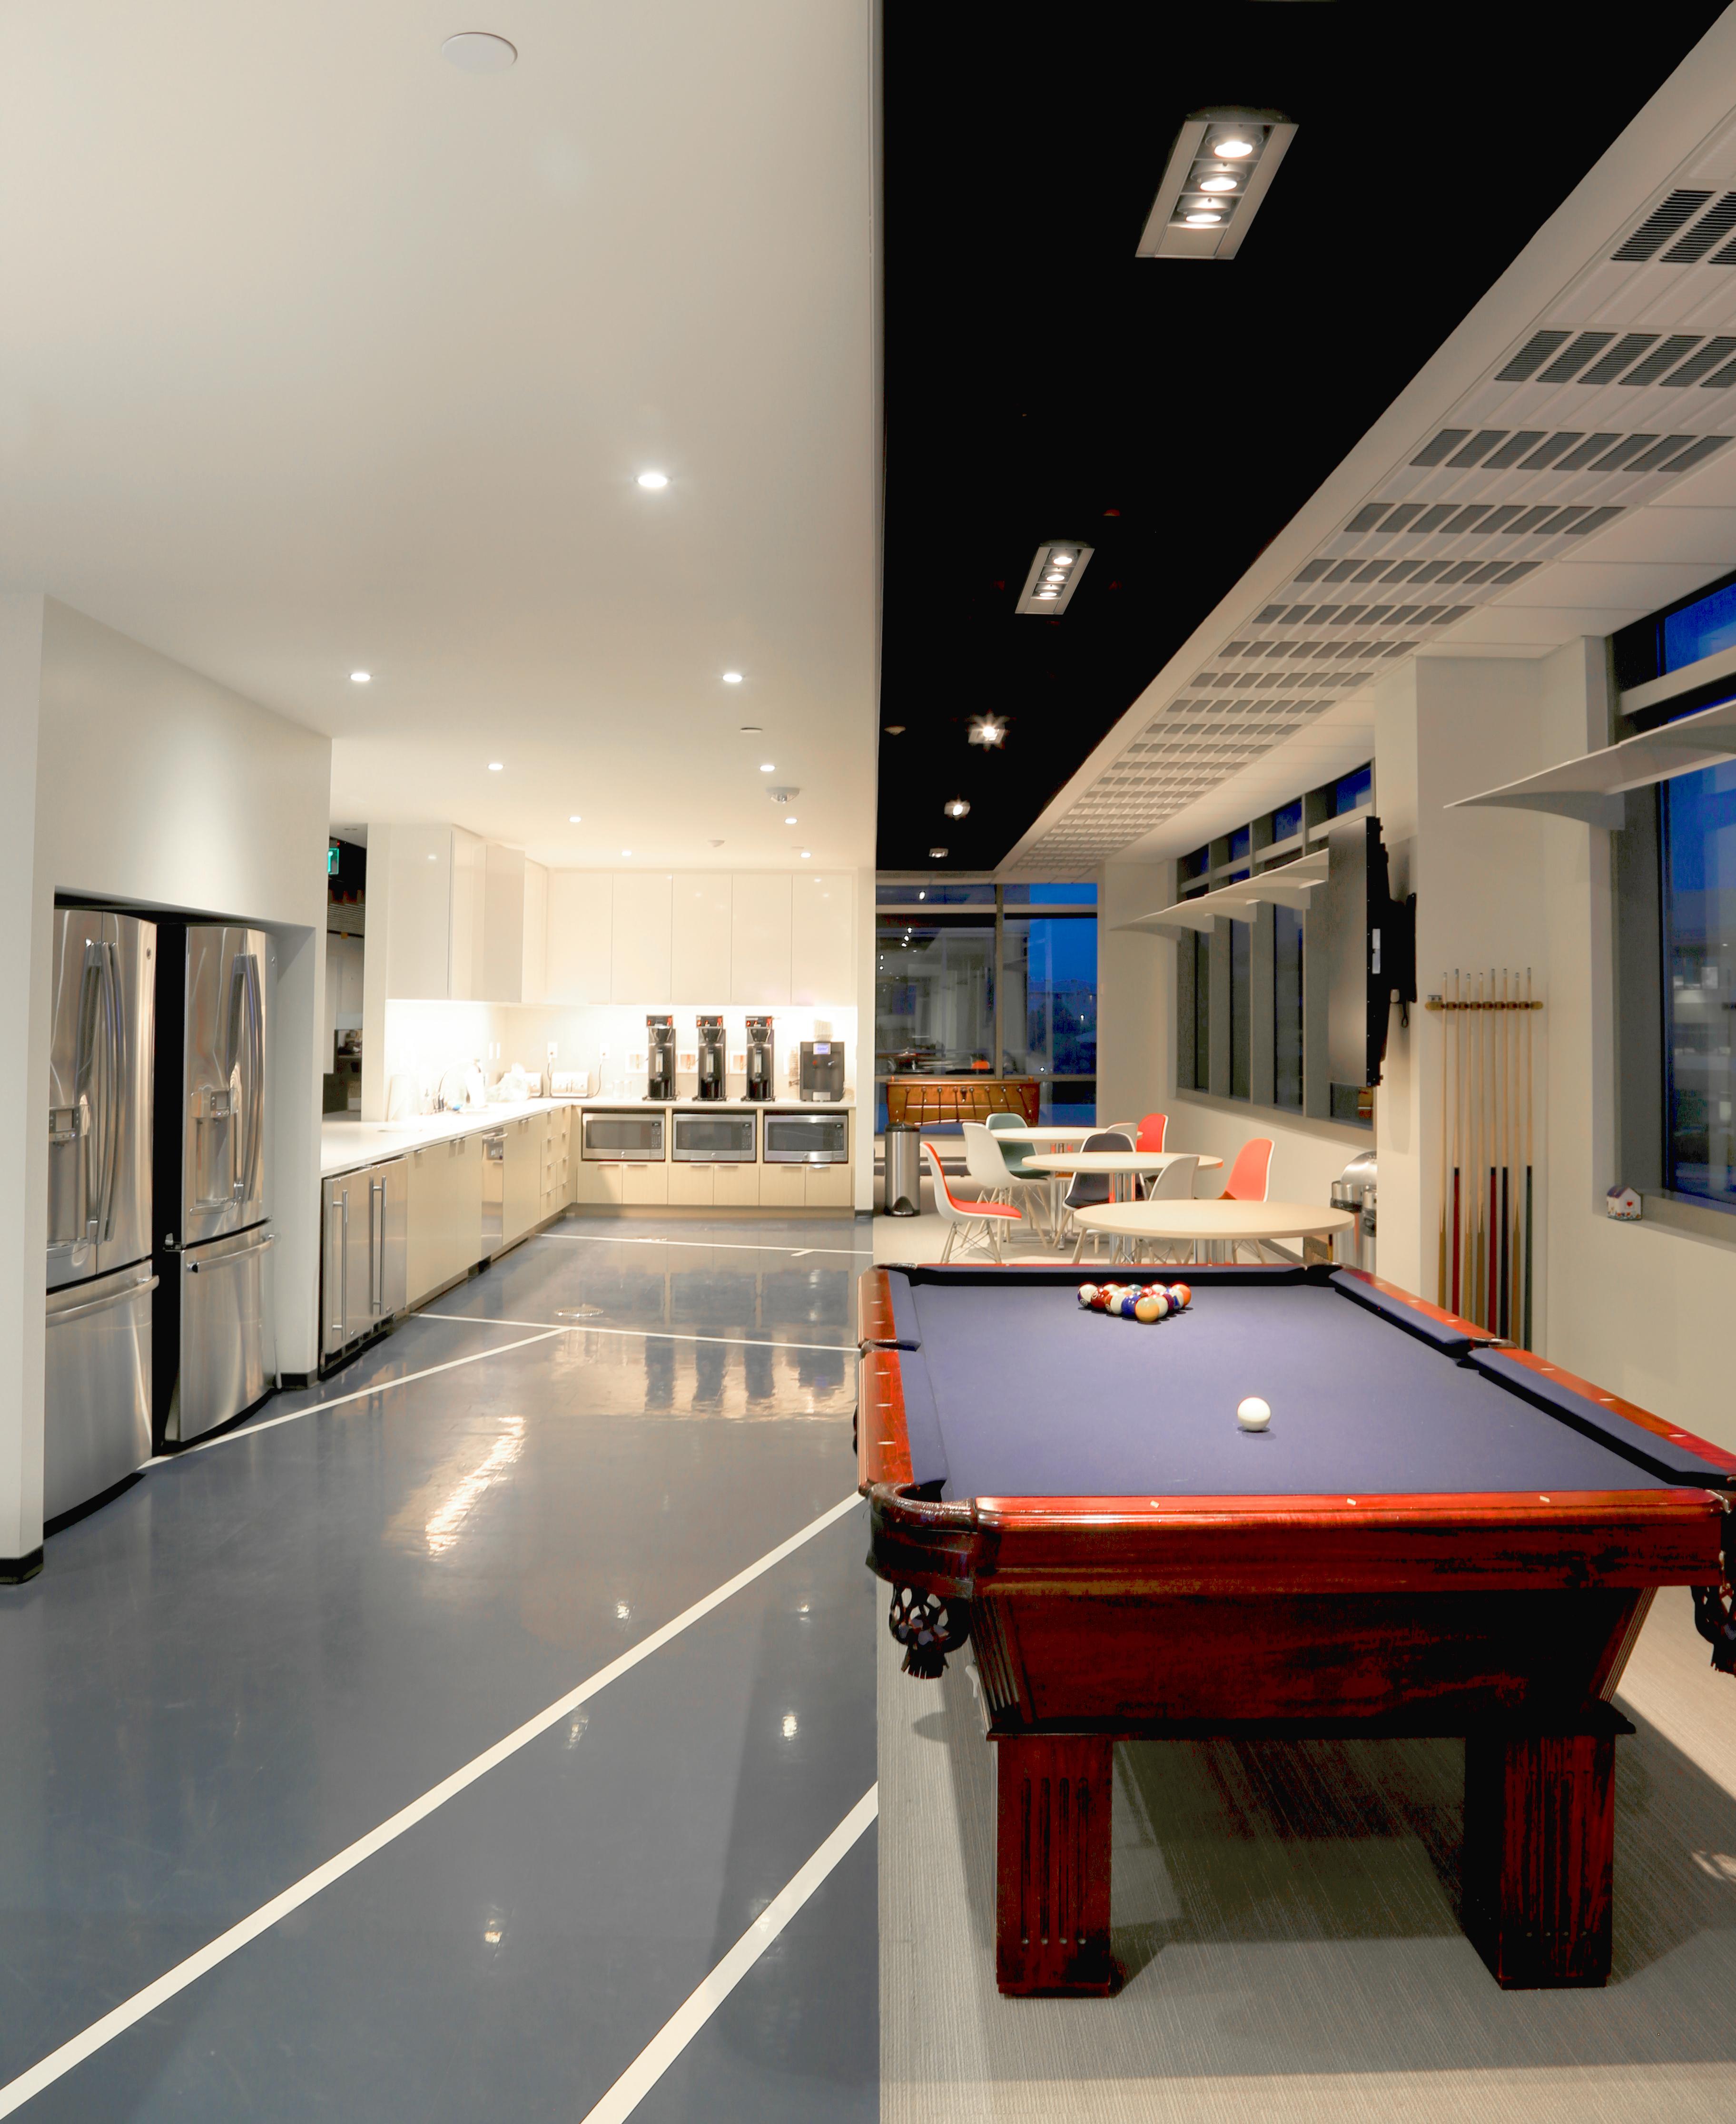 Open Studio Archicture ME Engineers Office Break Room Interior OSA